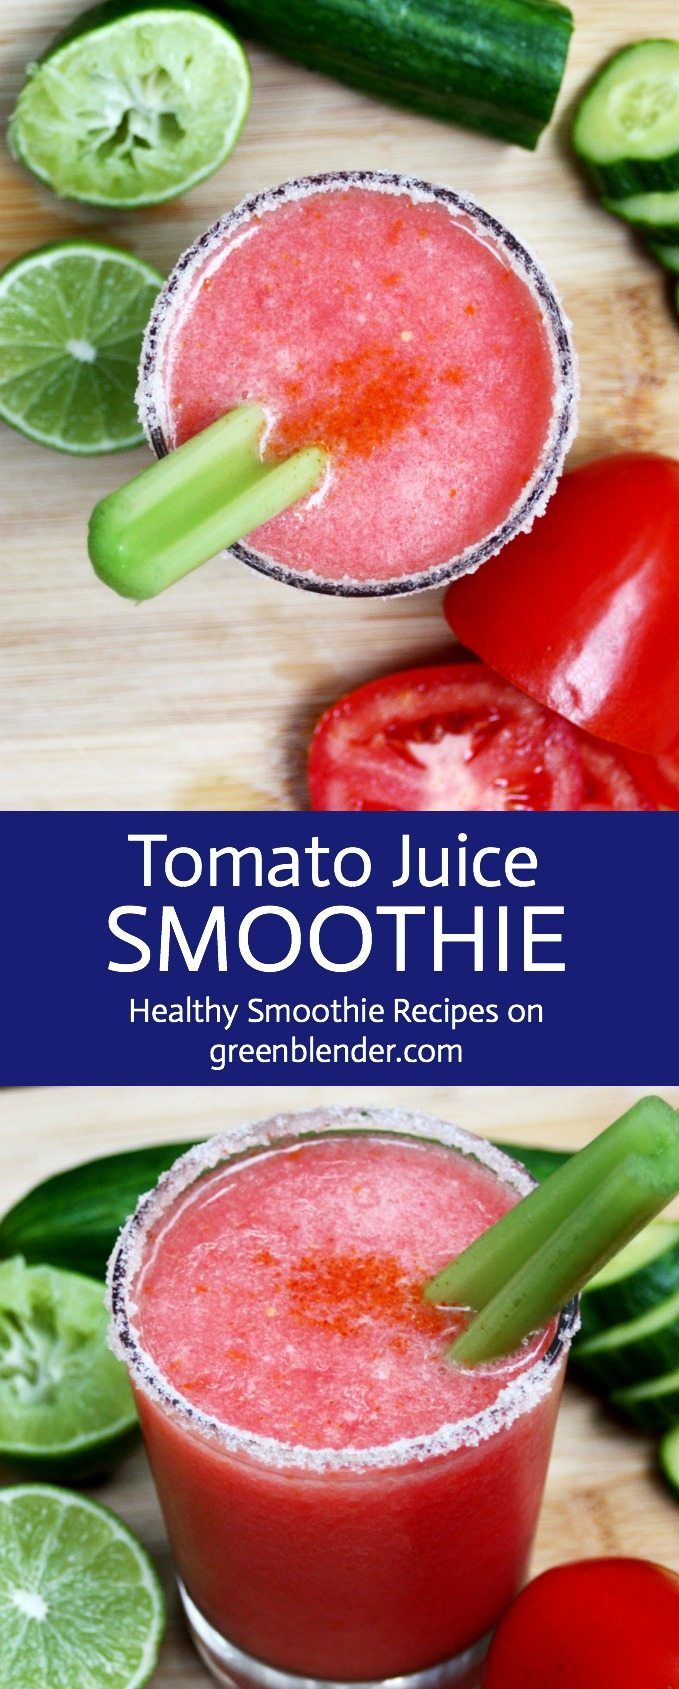 Homemade Tomato Juice on Green Blender